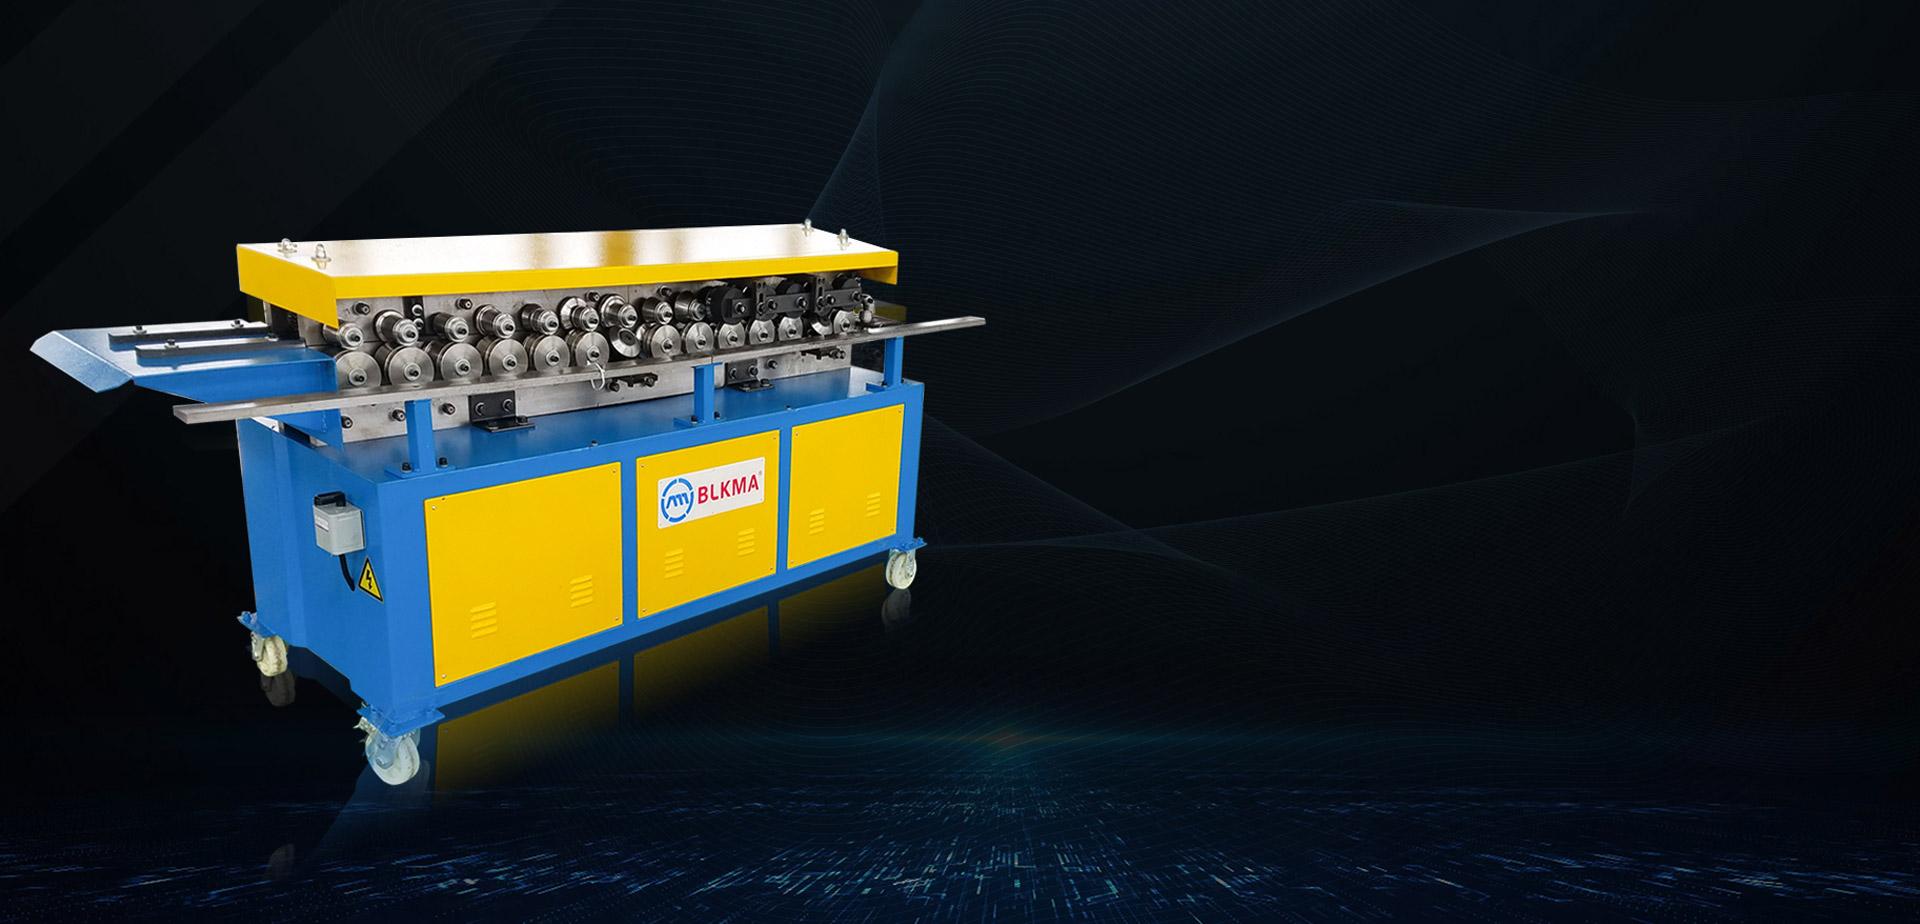 BLKMA Rectangular<br>Duct Making Machine